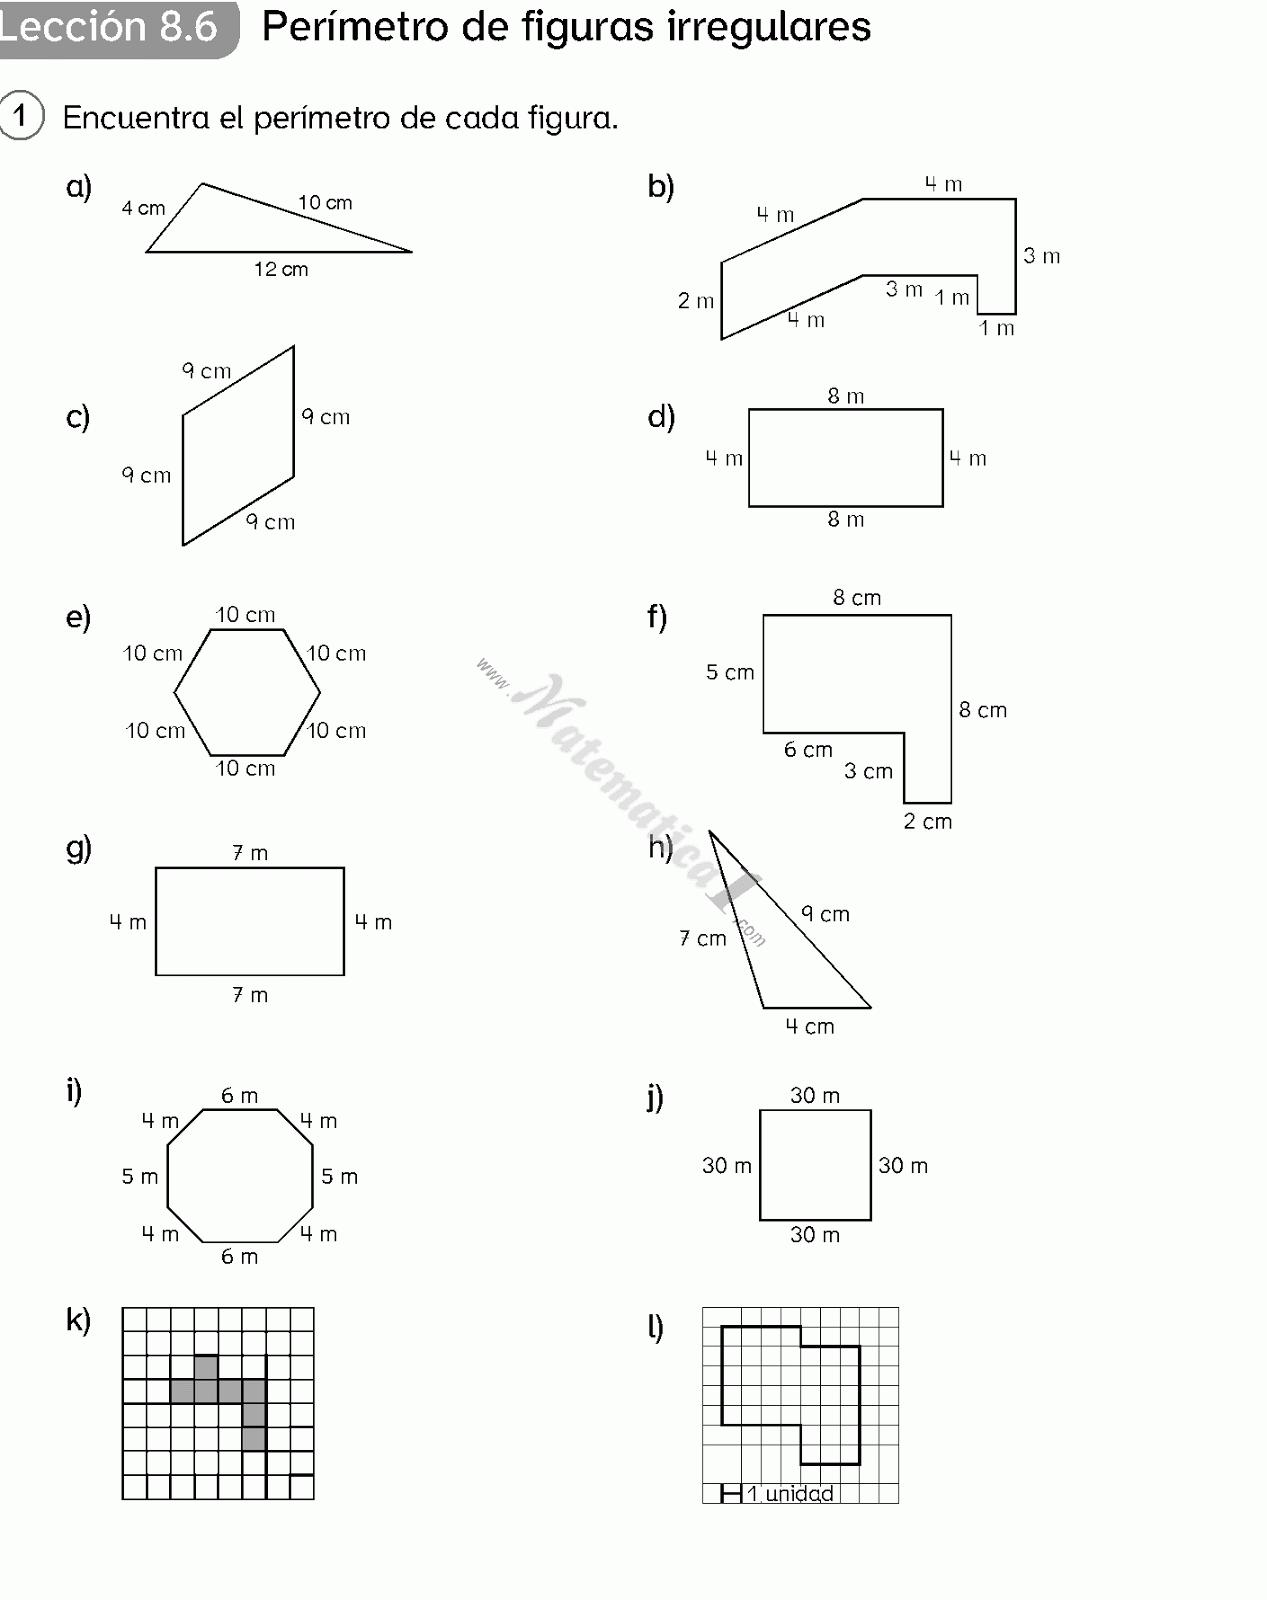 Realizar El Calculo Del Perímetro De Las Siguientes Figuras Lecciones De Matemáticas área Y Perímetro Perimetro